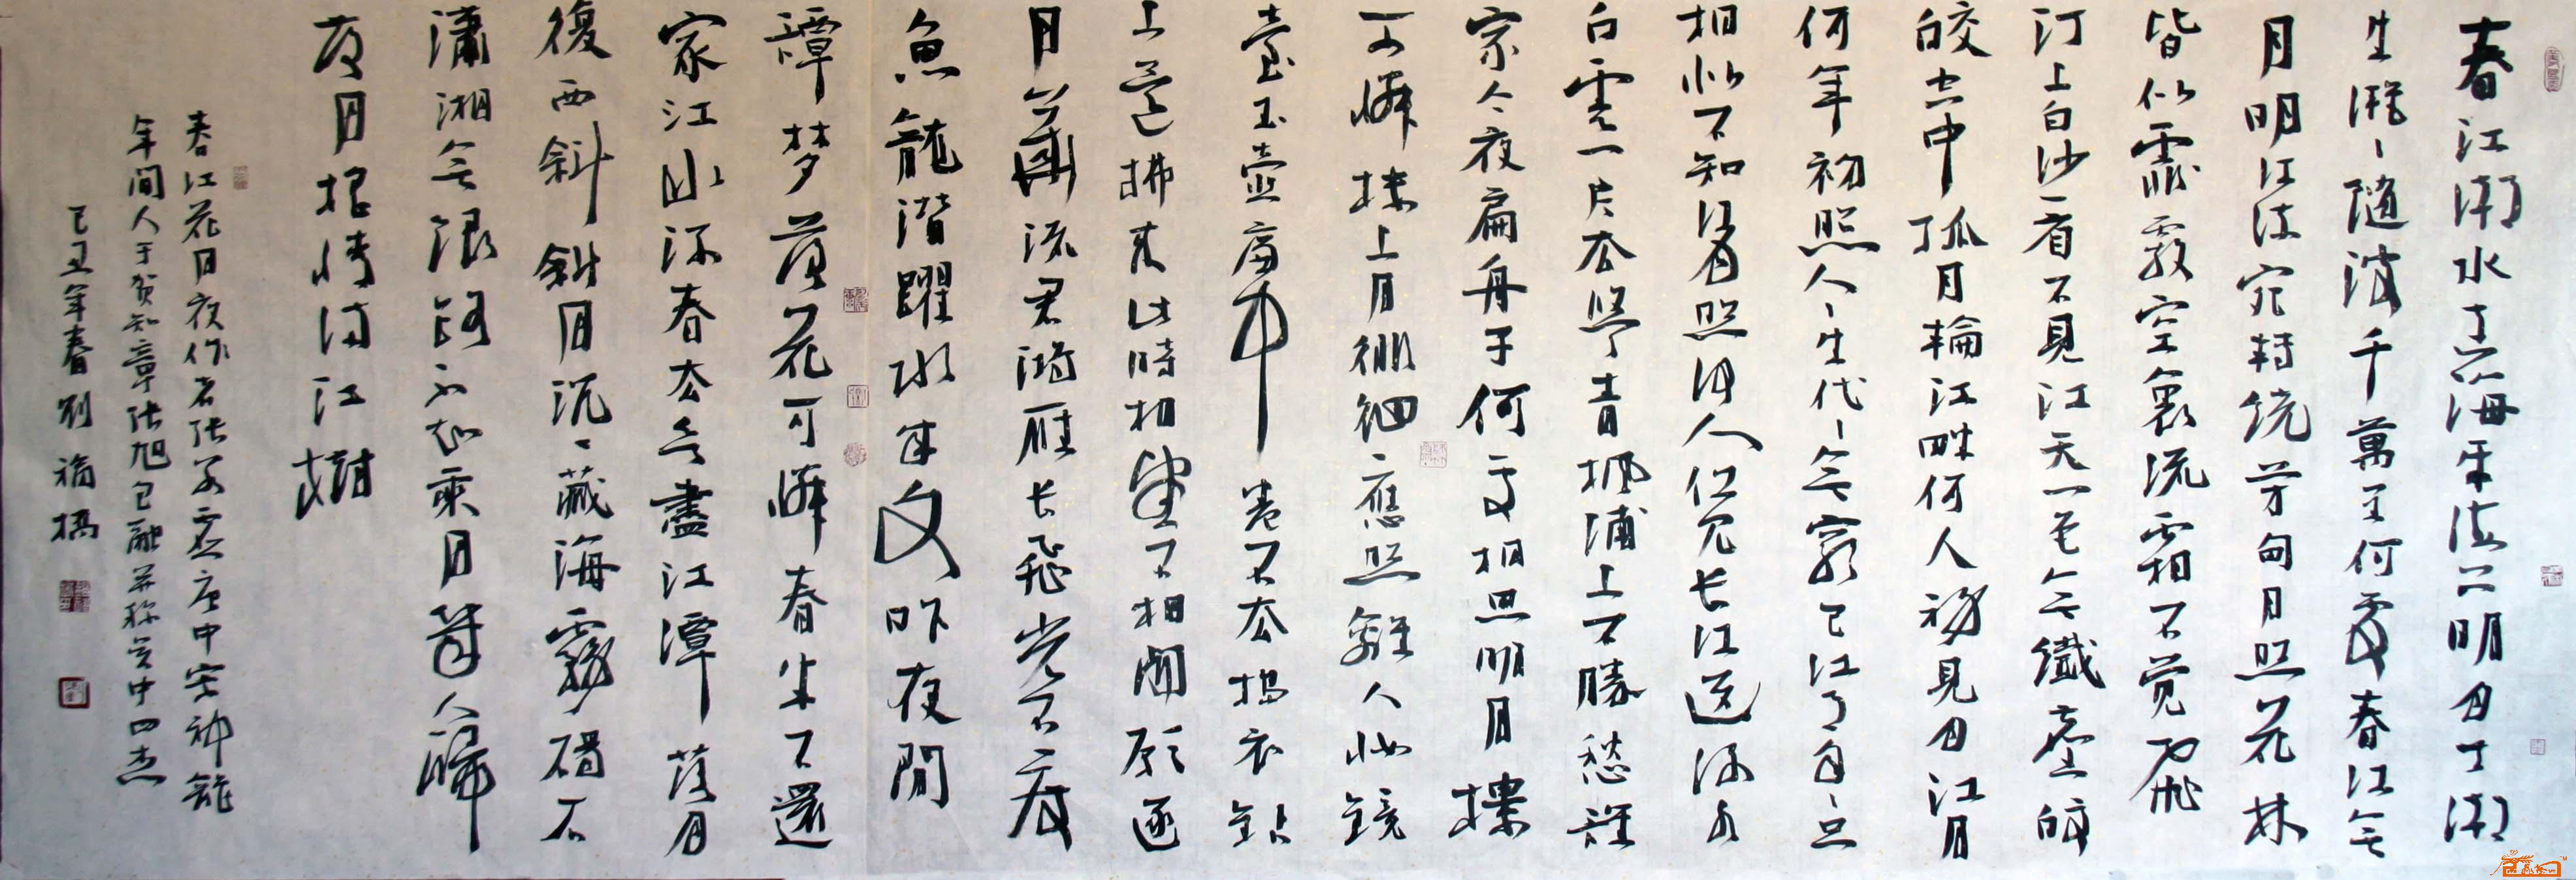 书法《春江花月夜》图片